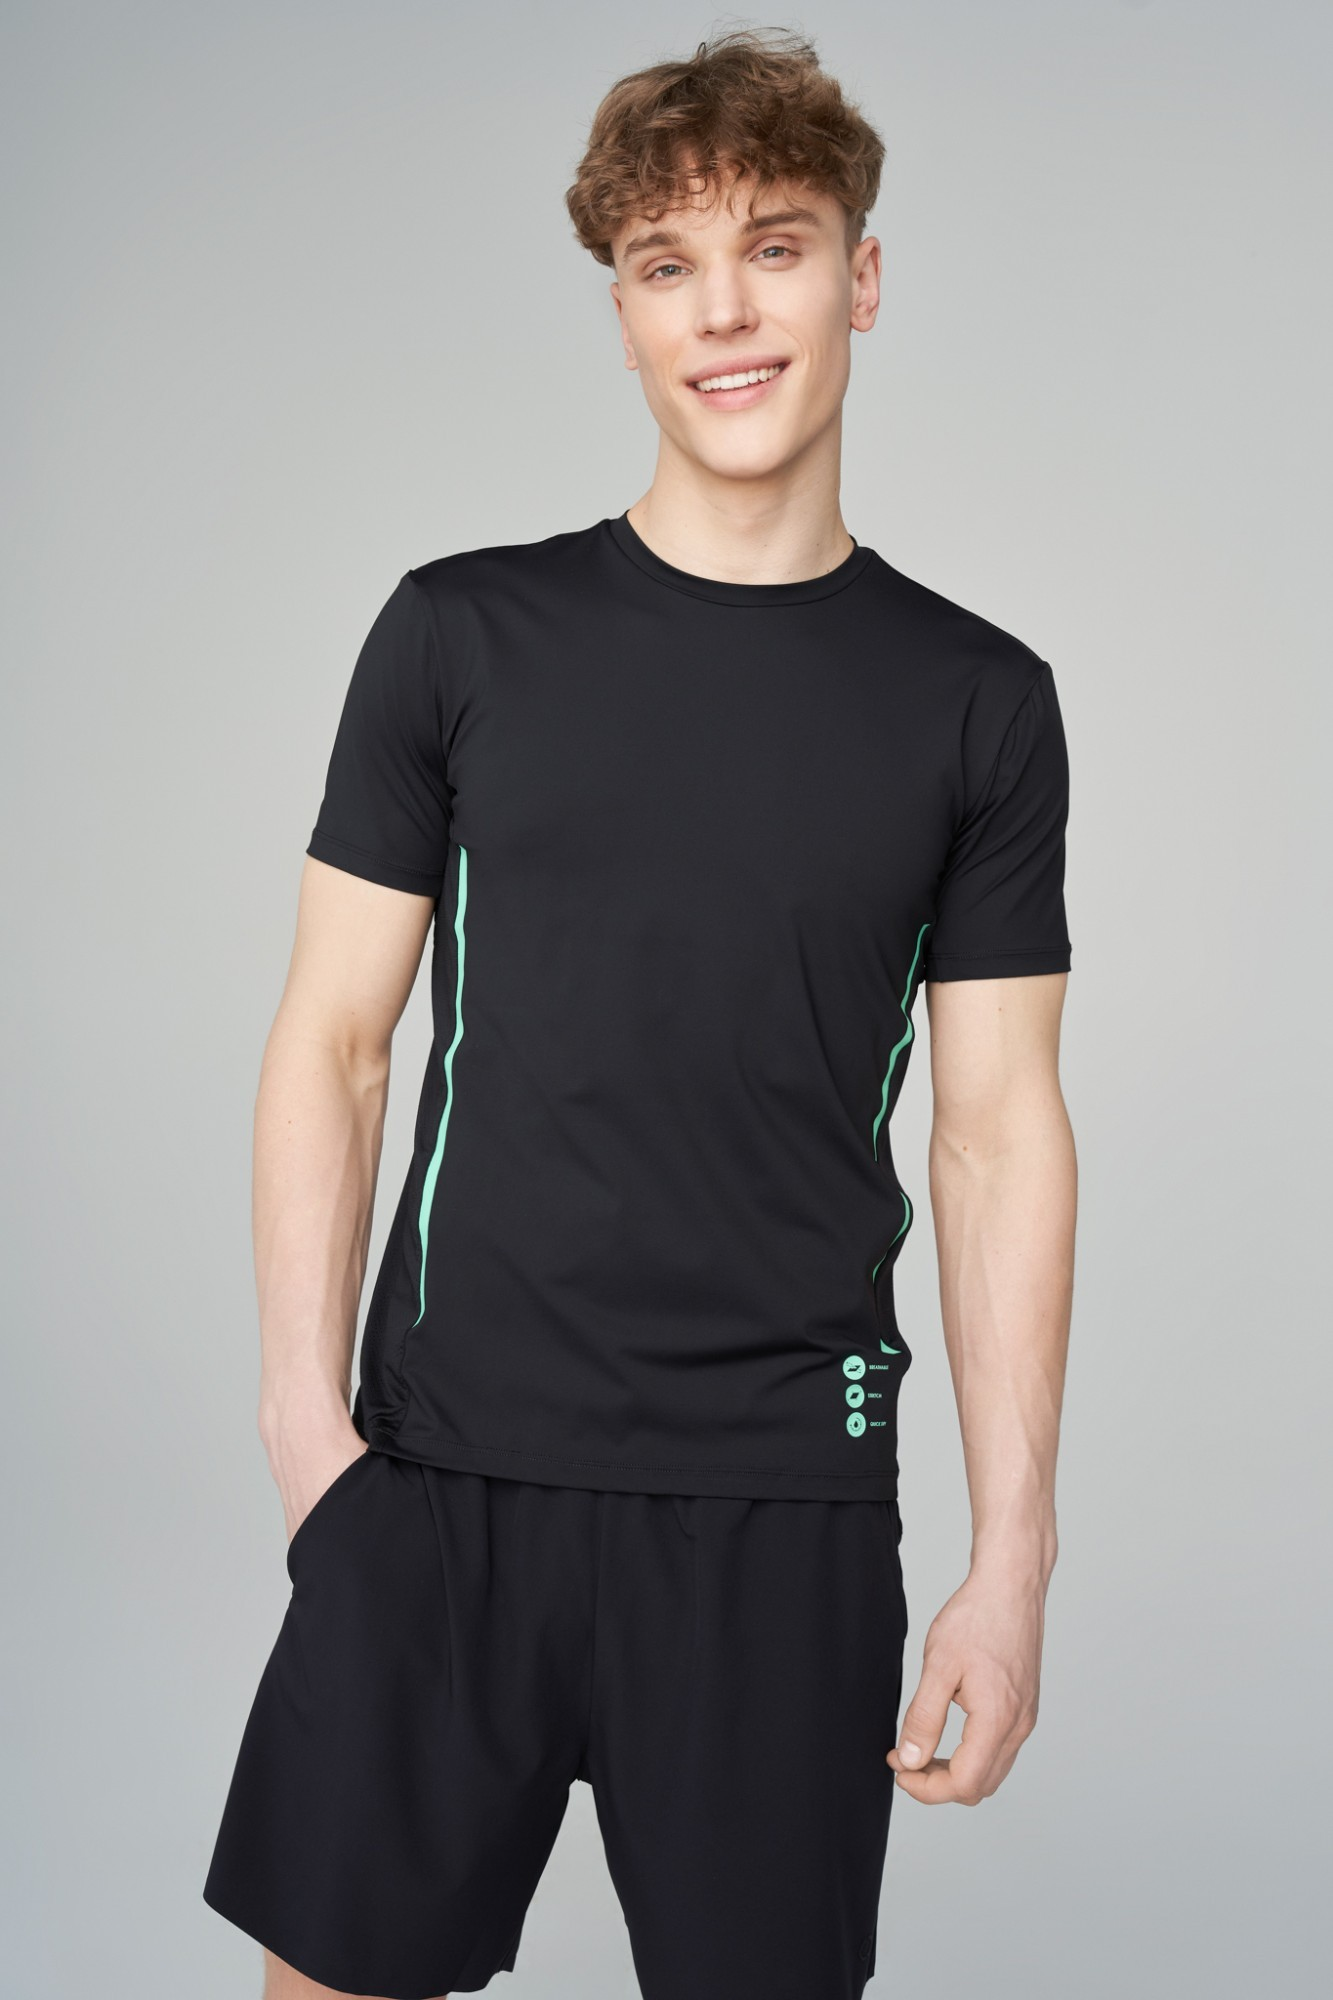 AUDIMAS Funkcionalūs marškinėliai 2111-451 Black M